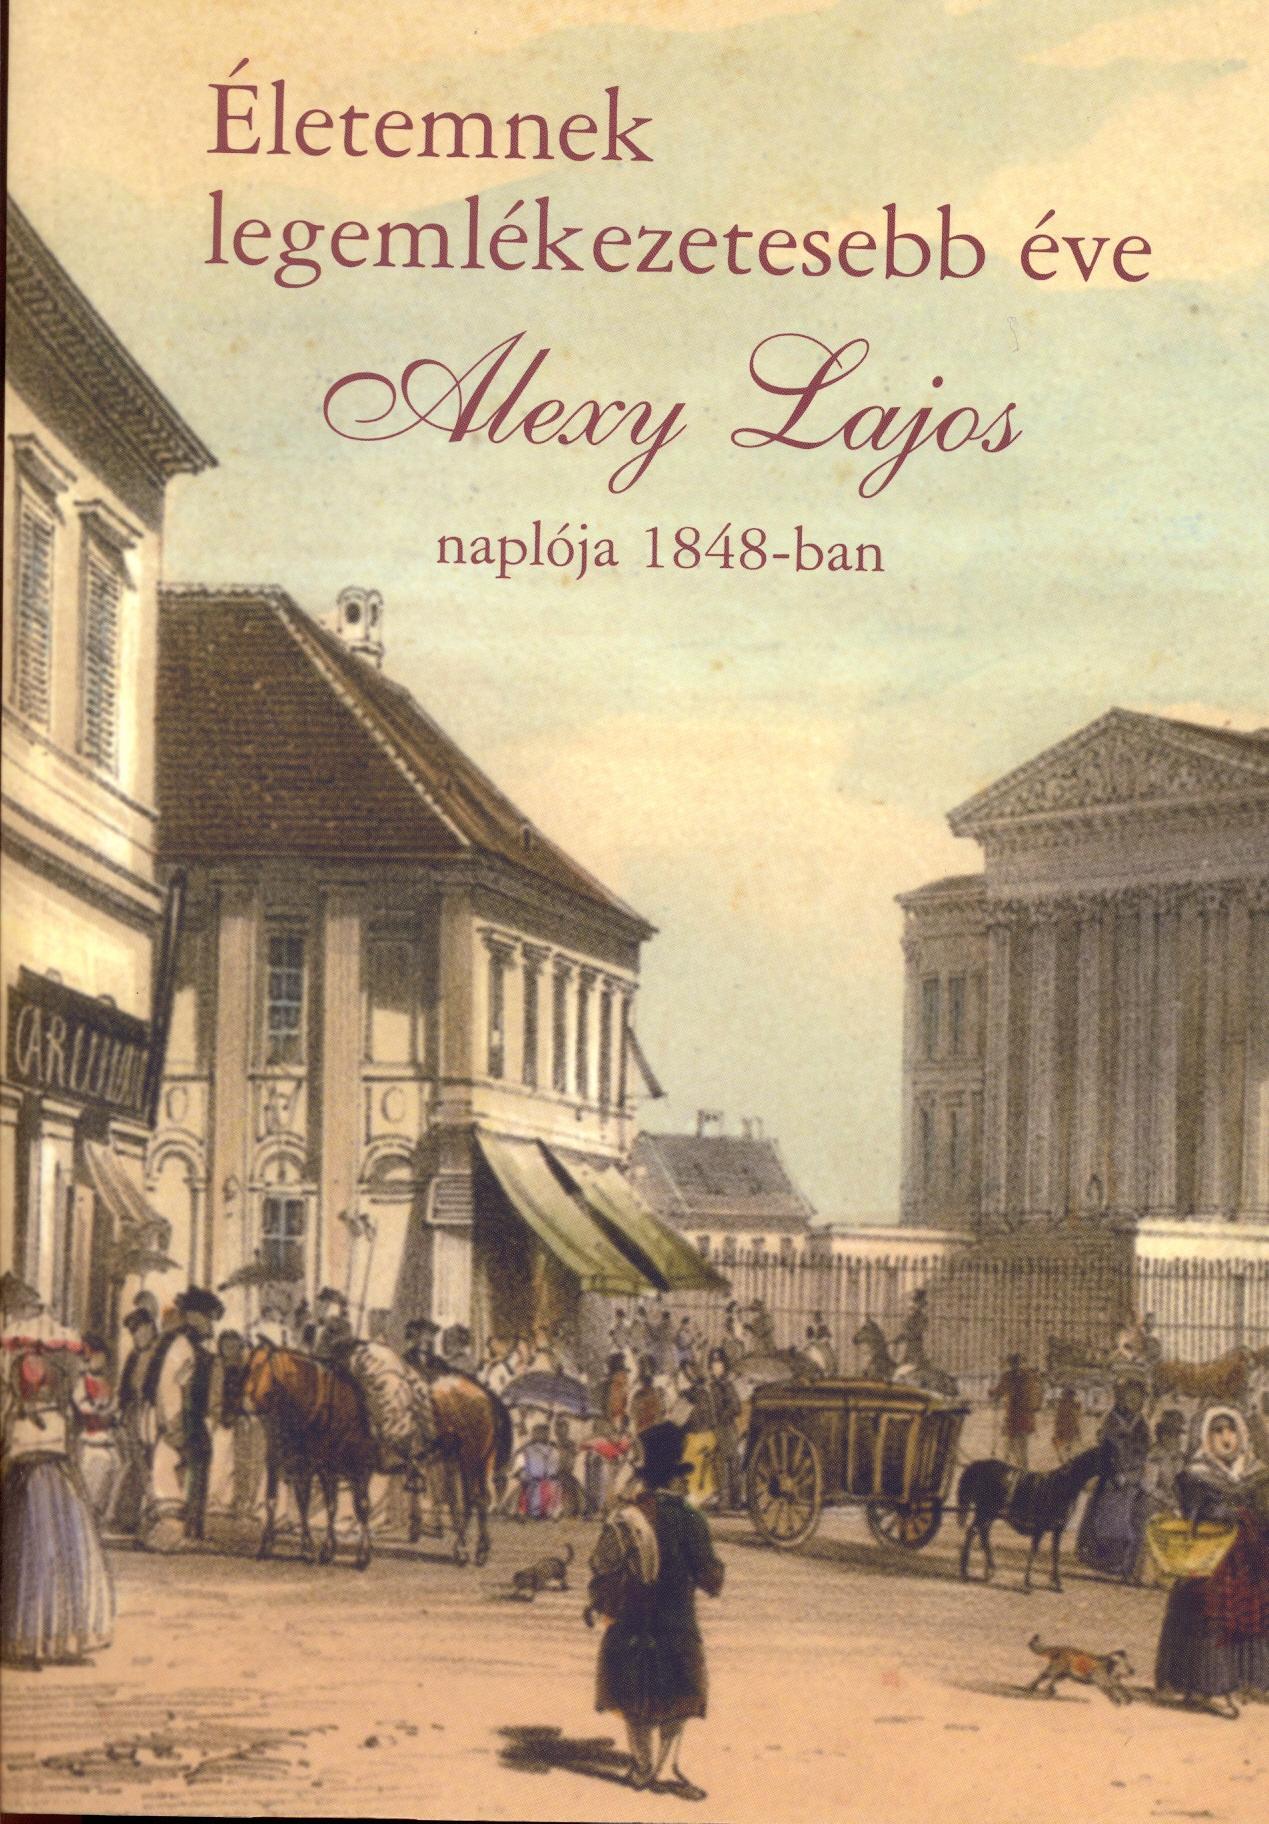 ÉLETEMNEK LEGEMLÉKEZETESEBB ÉVE - ALEXY LAJOS NAPLÓJA 1848-BAN